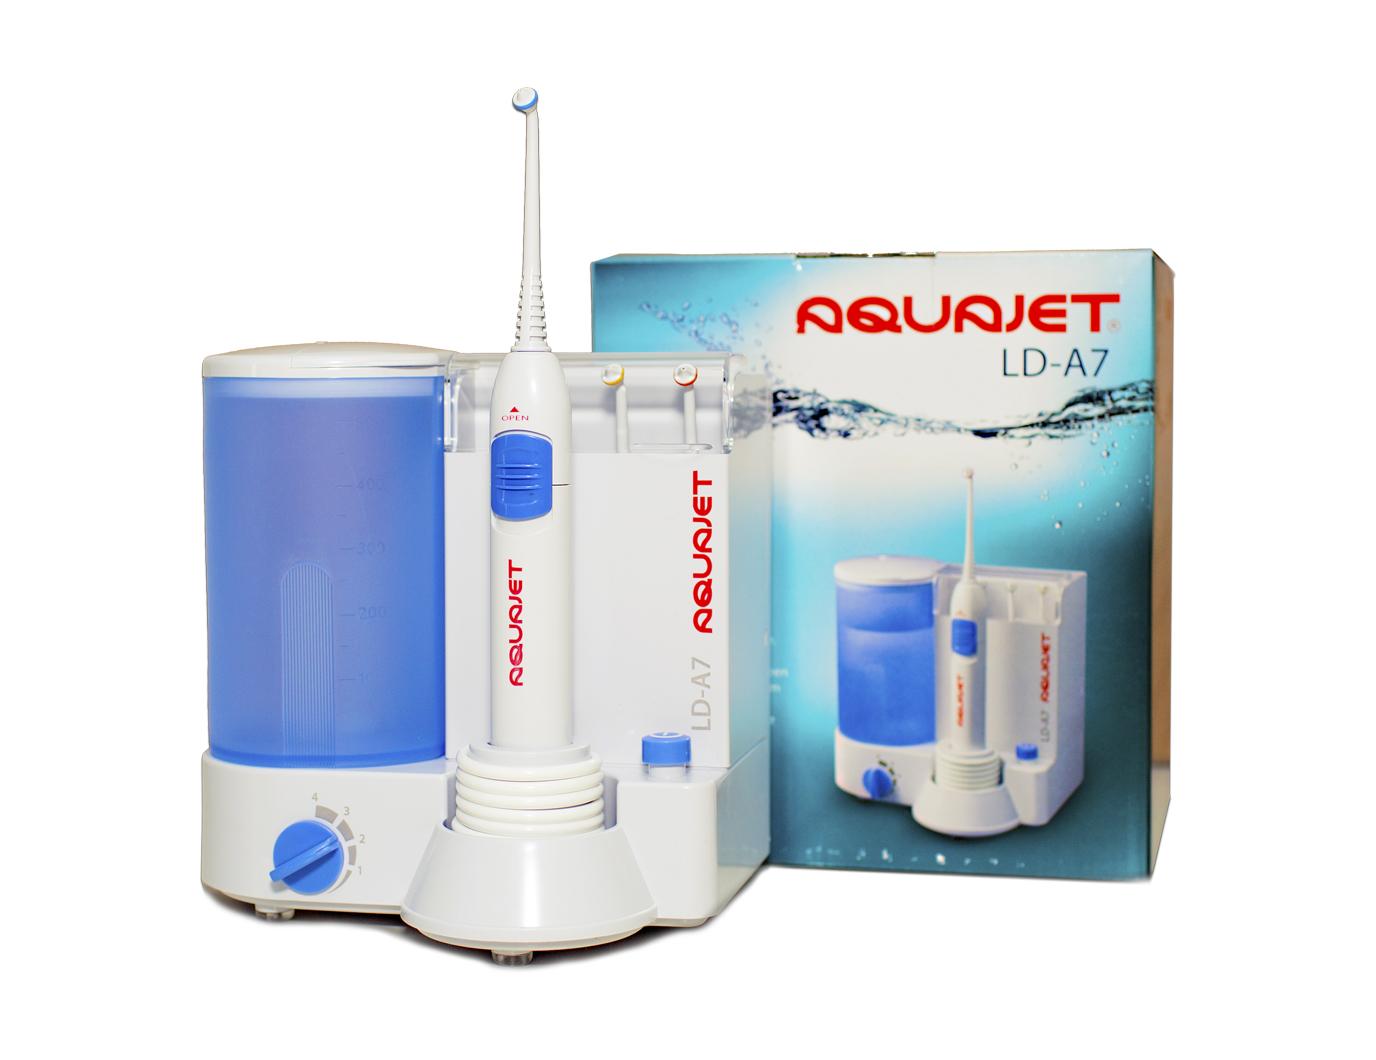 LD-A7 Aquajet